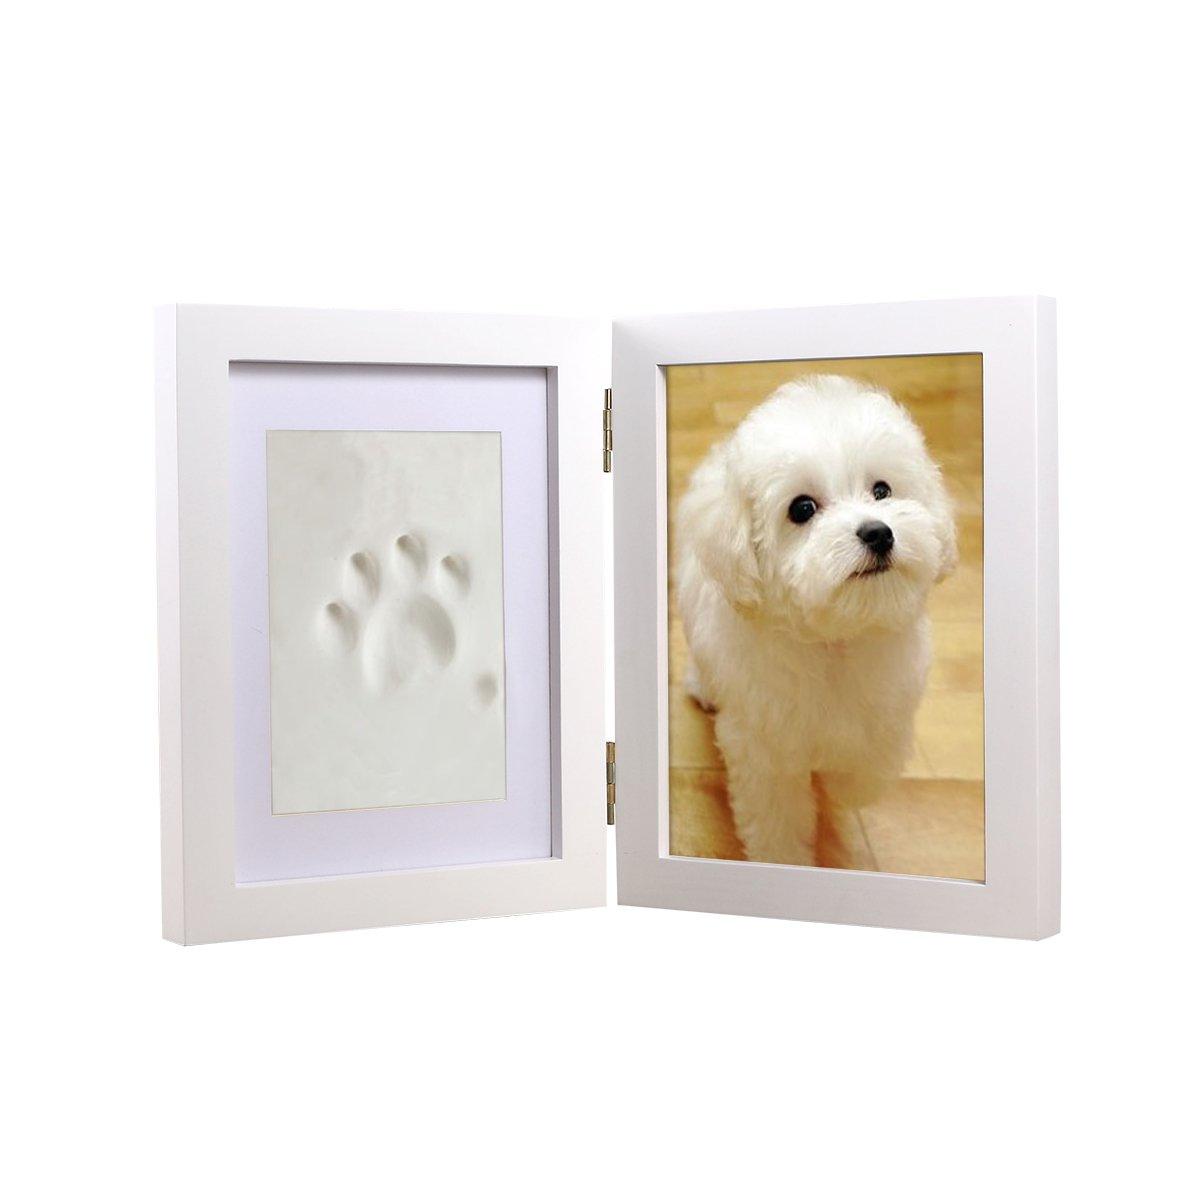 Ueetek Cadre photo Cadre photo Chien Chiot Chat Imprimé pattes pour animal domestique souvenir Memorial Cadre